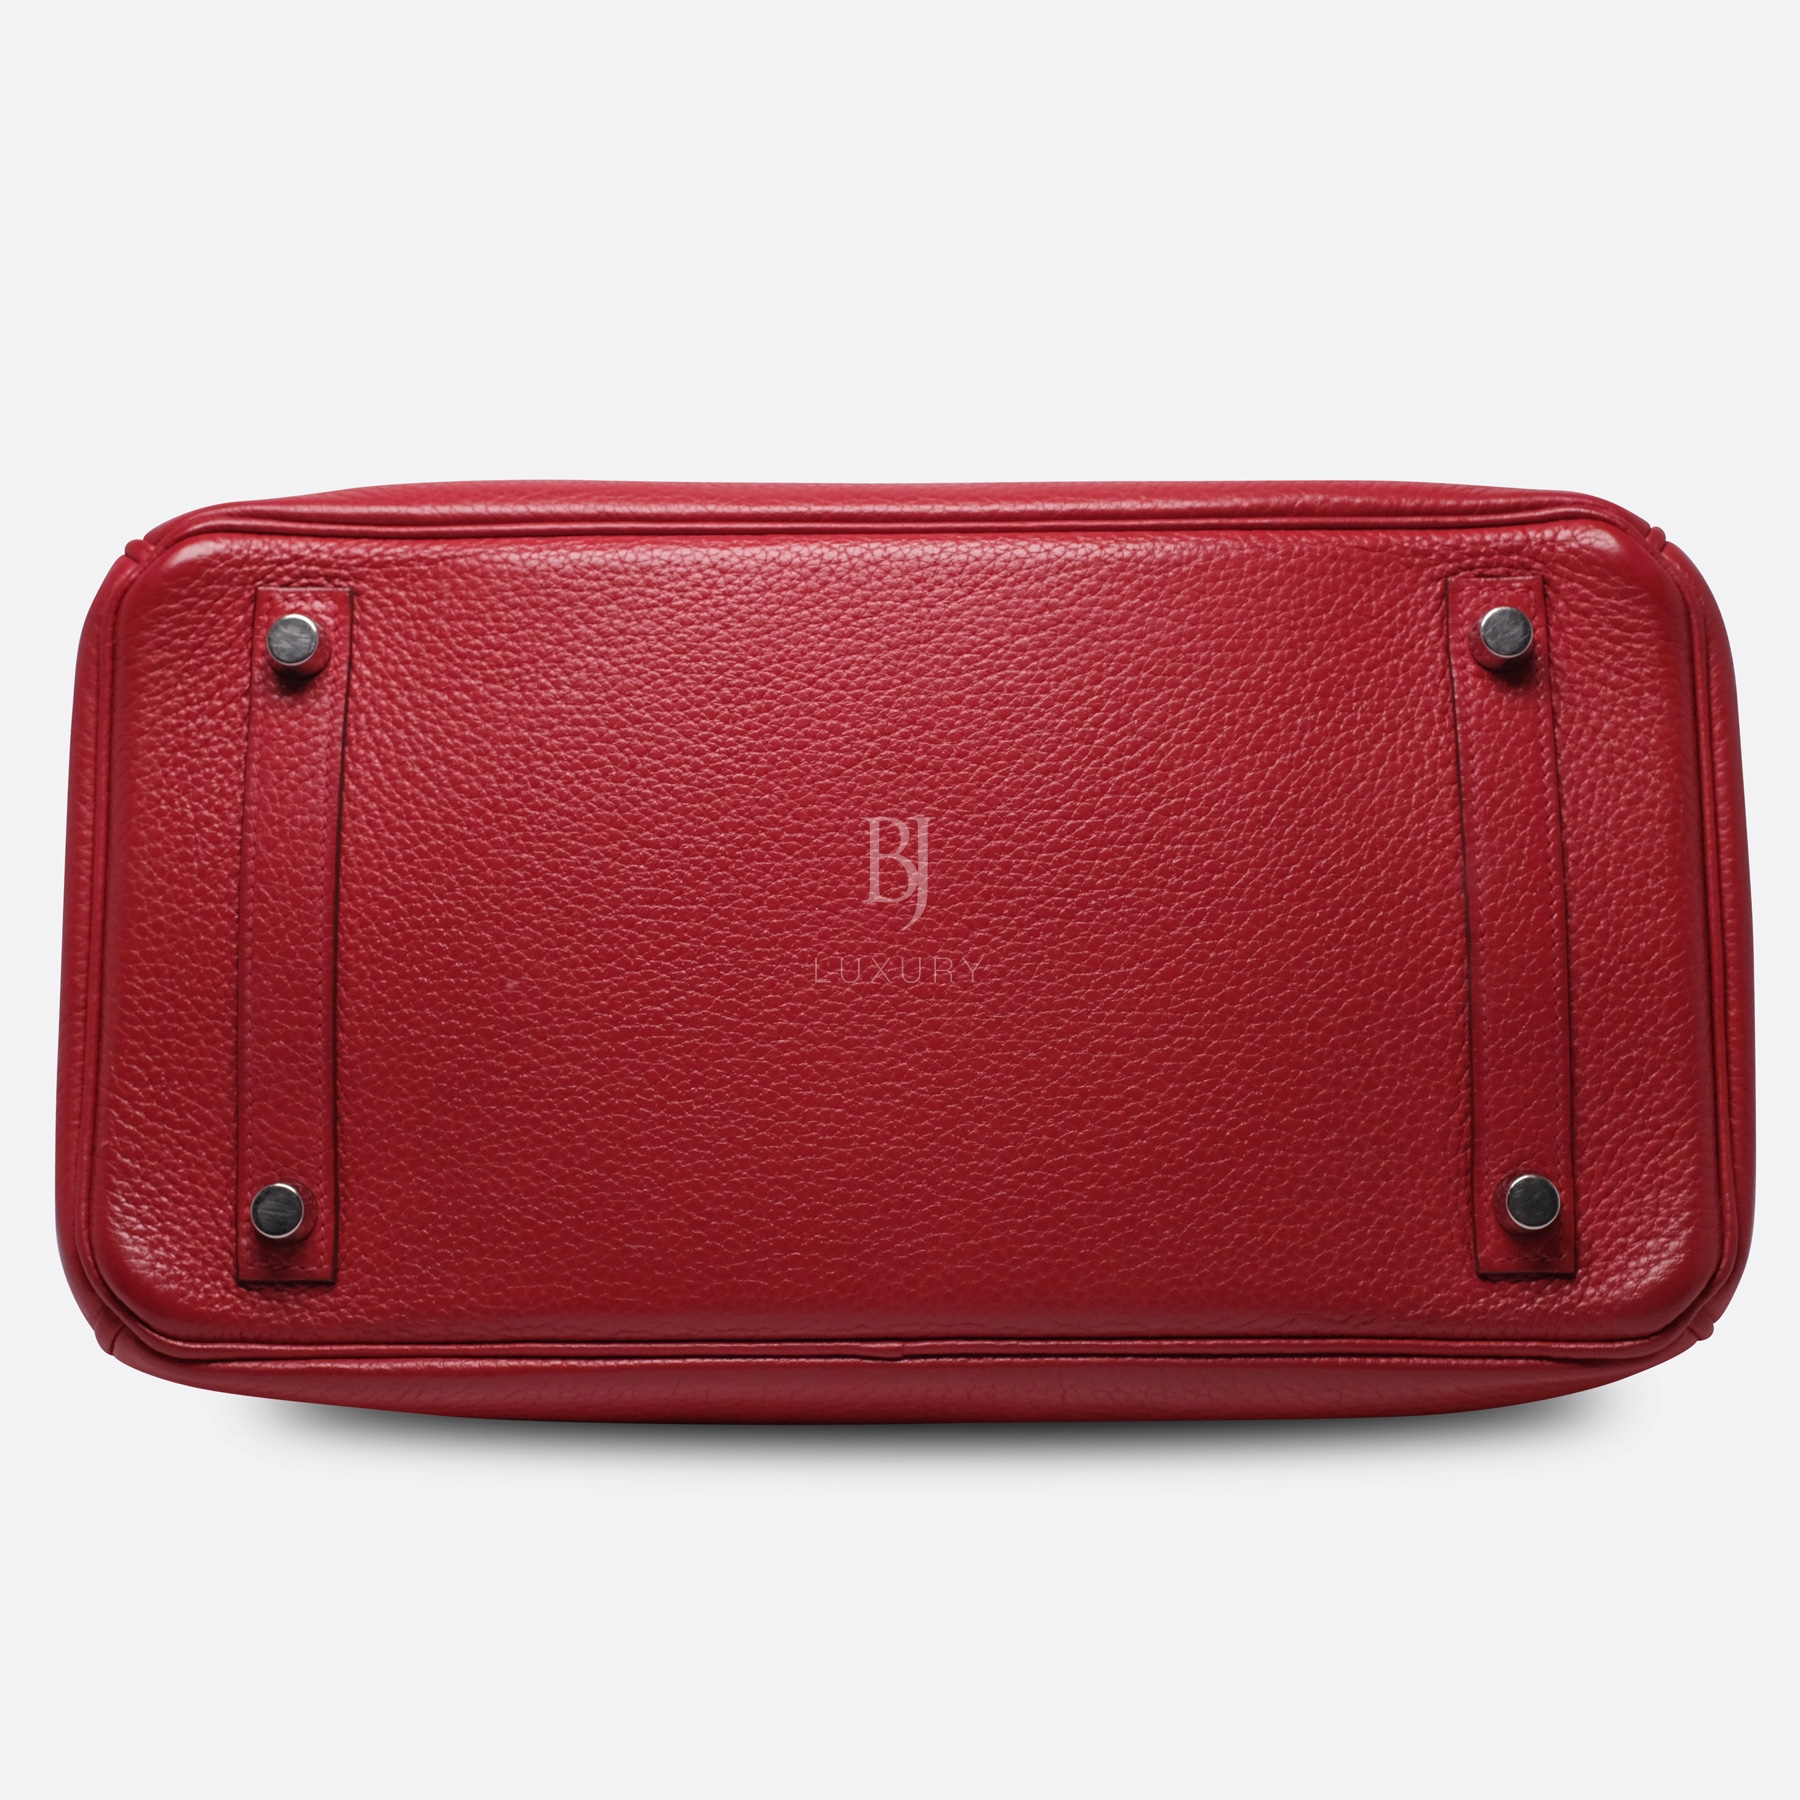 Hermes Birkin 30 Rouge Casaque Clemence Palladium BJ Luxury 15.jpg